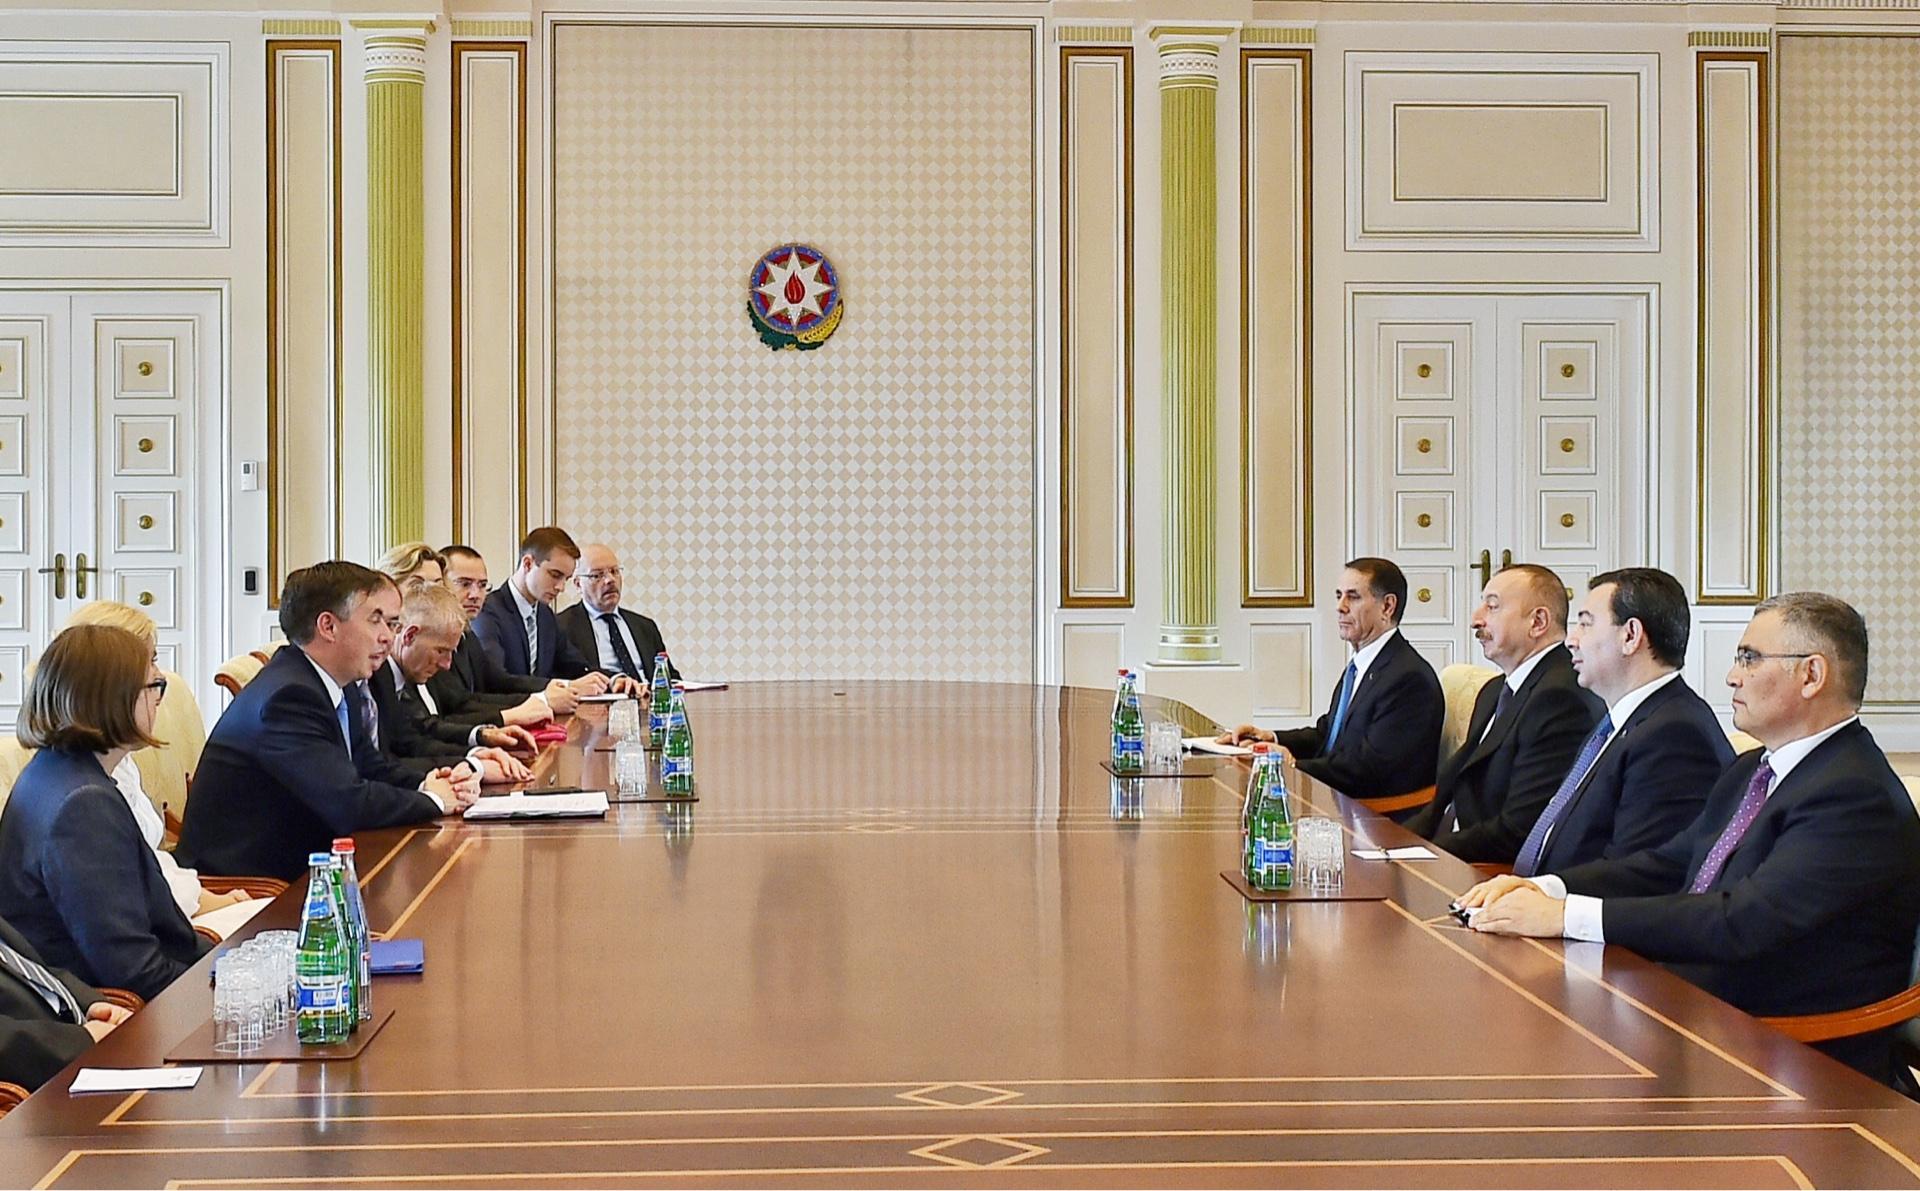 Президент Ильхам Алиев принял делегацию Европейского парламента - ОБНОВЛЕНО